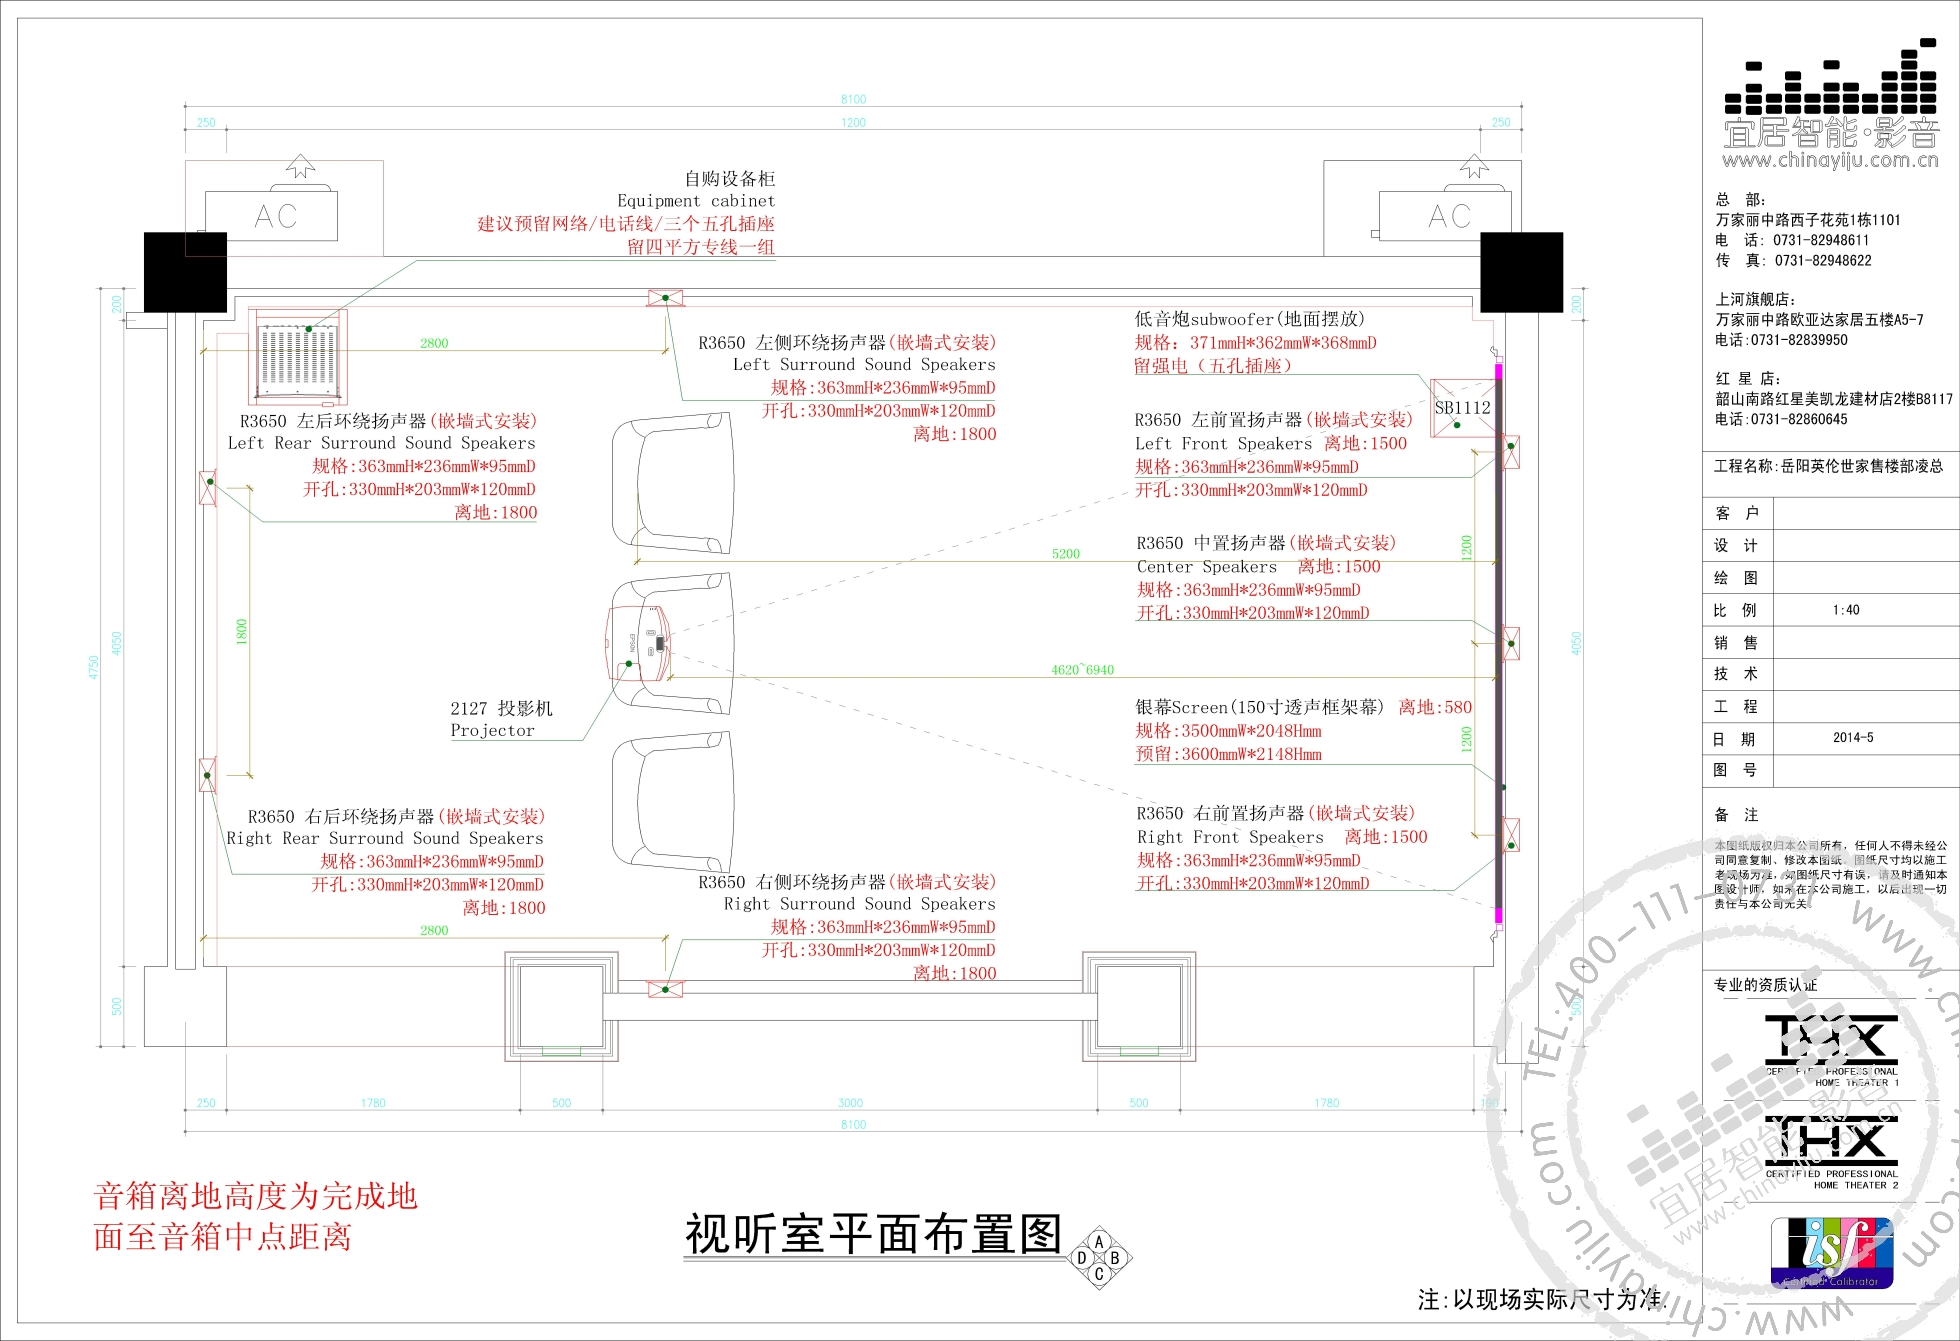 家庭影院系统方案平面图